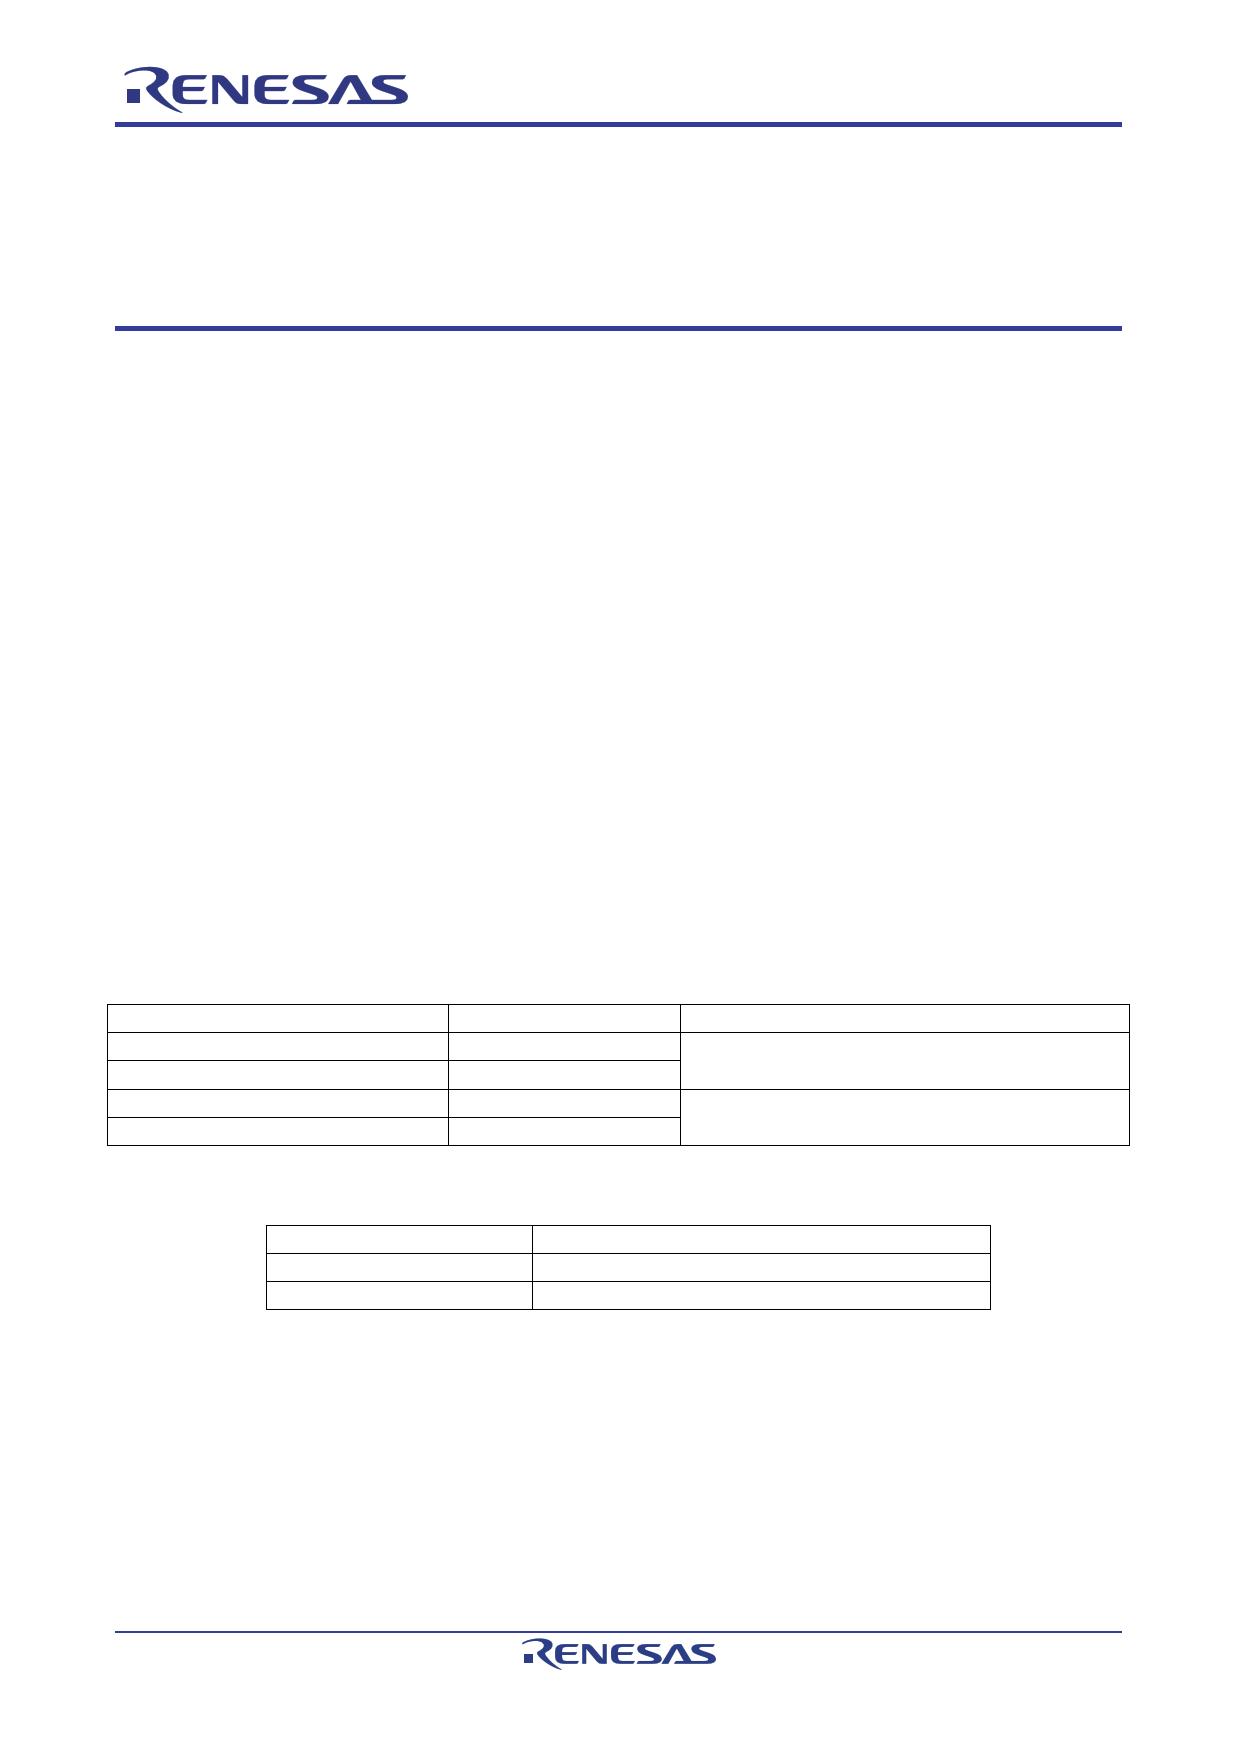 R1LV3216RSA-7S datasheet